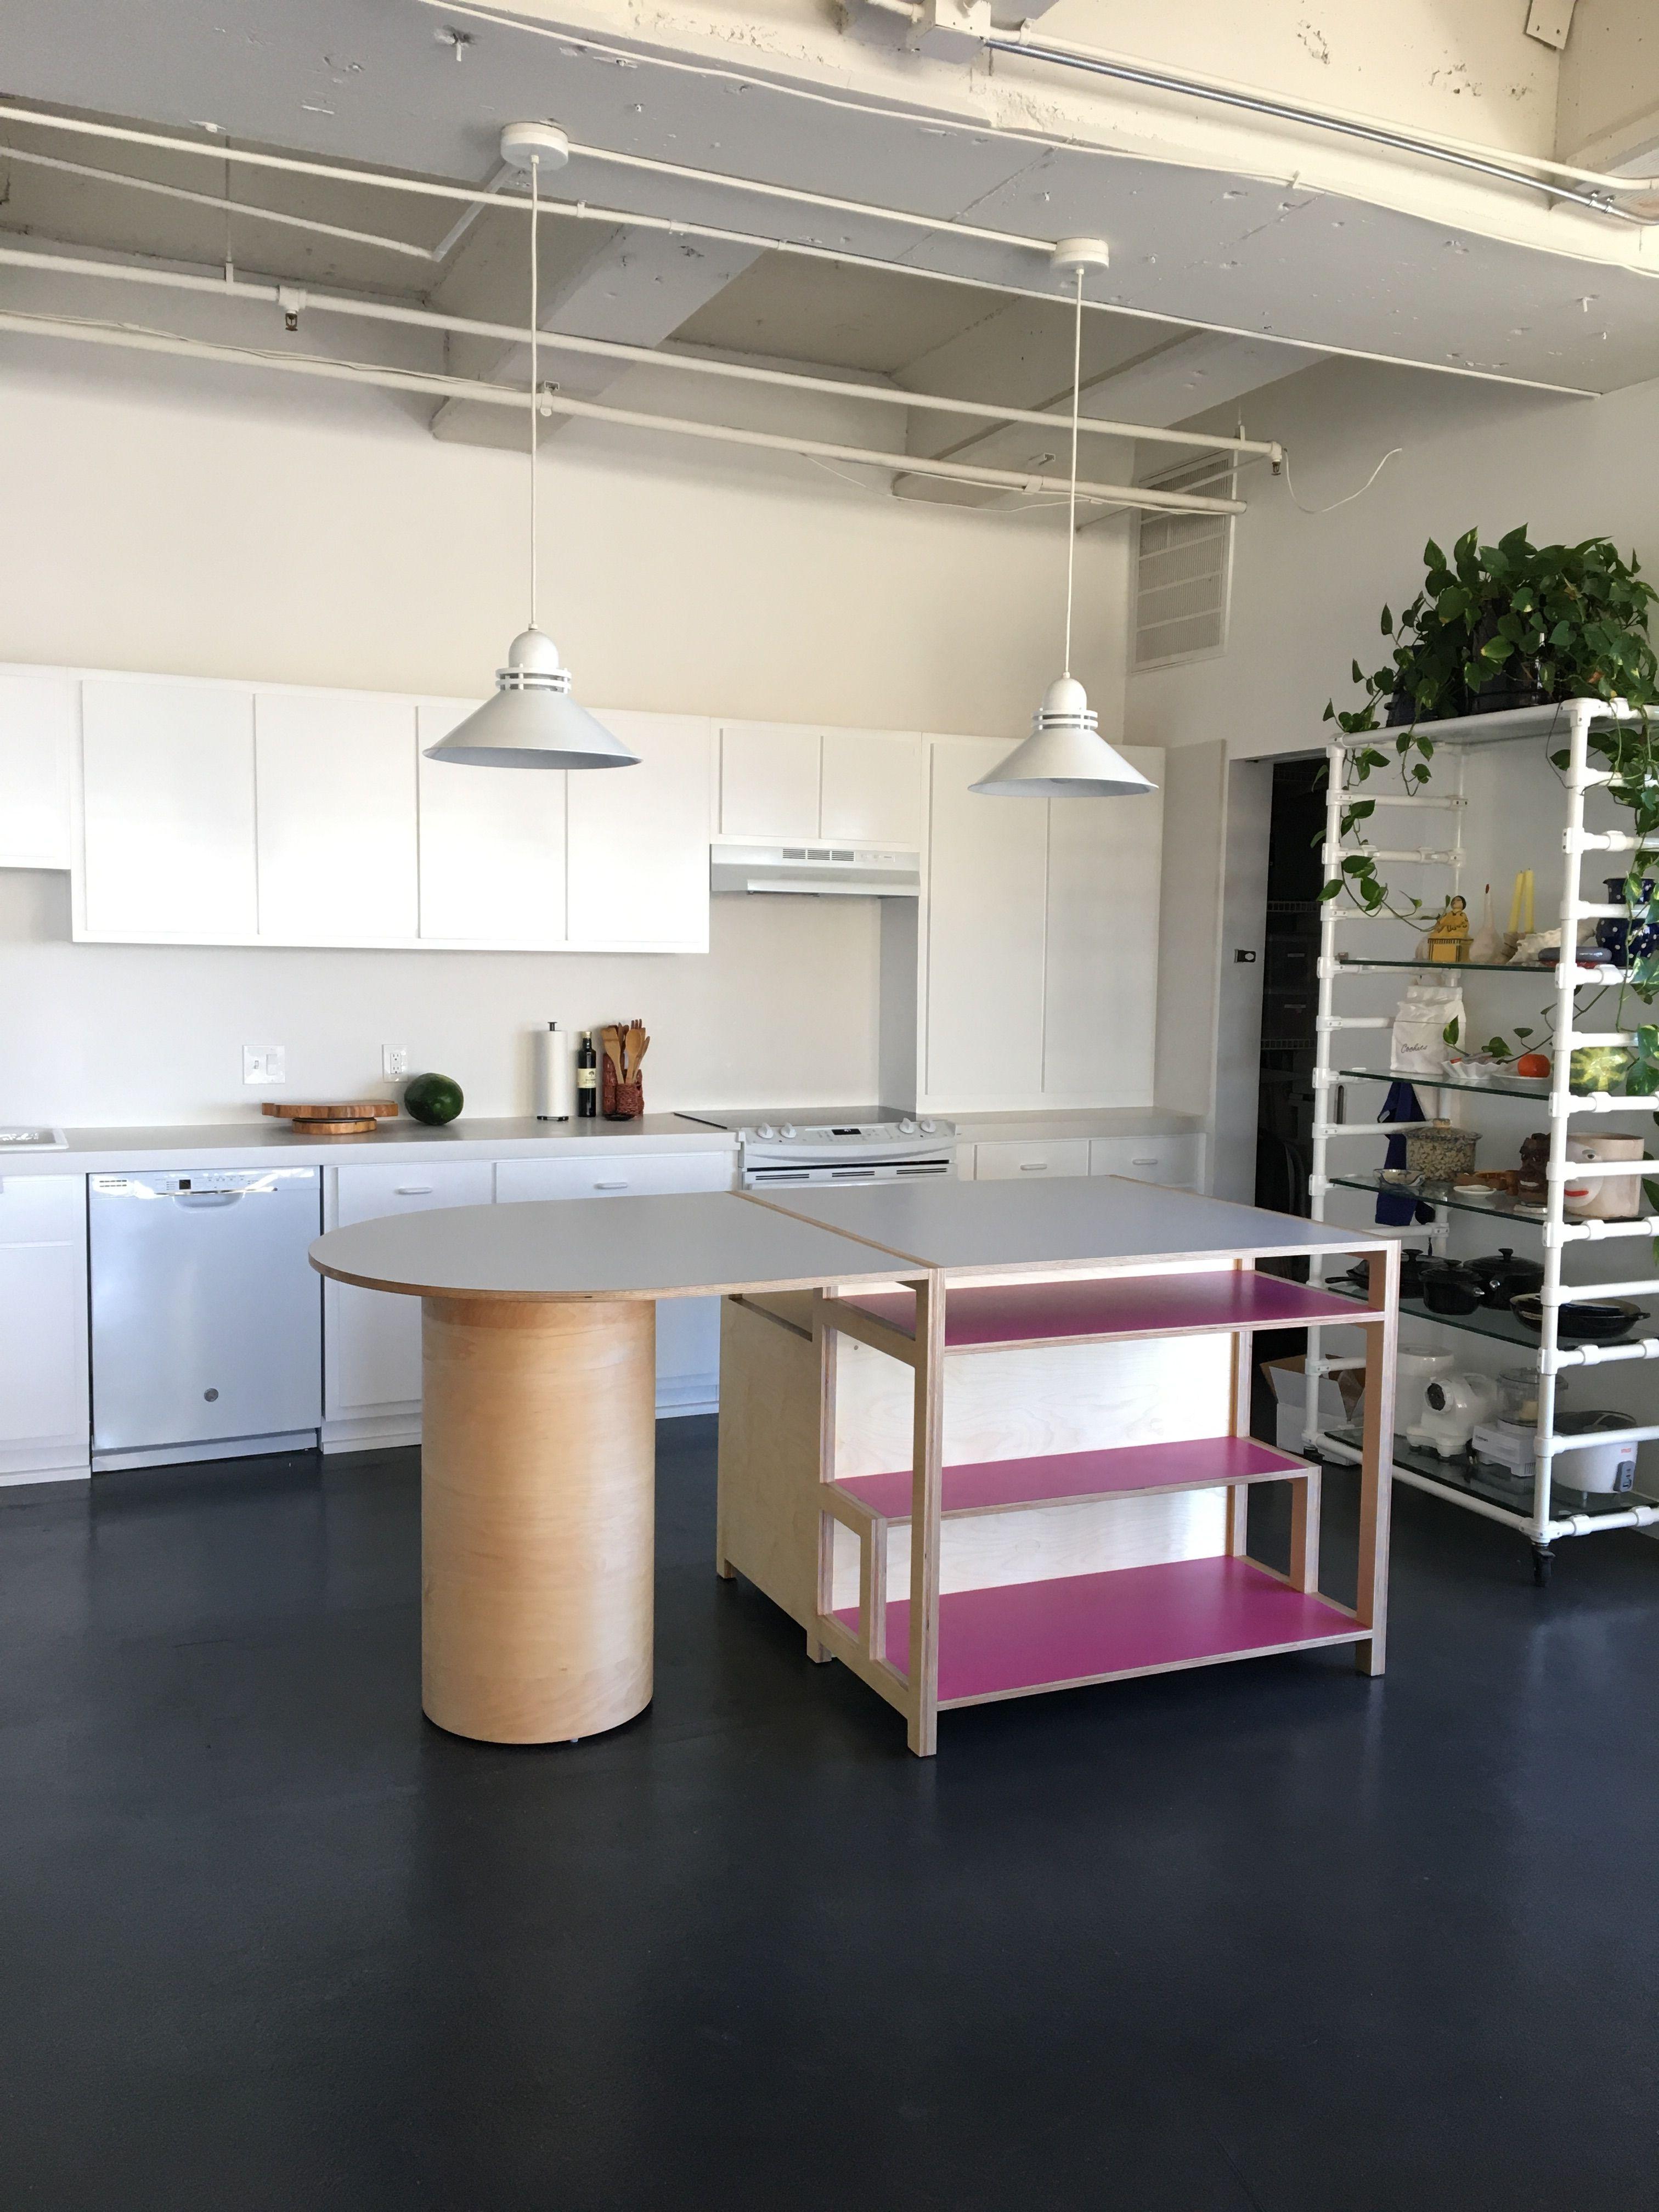 Kitchen Island product image 10